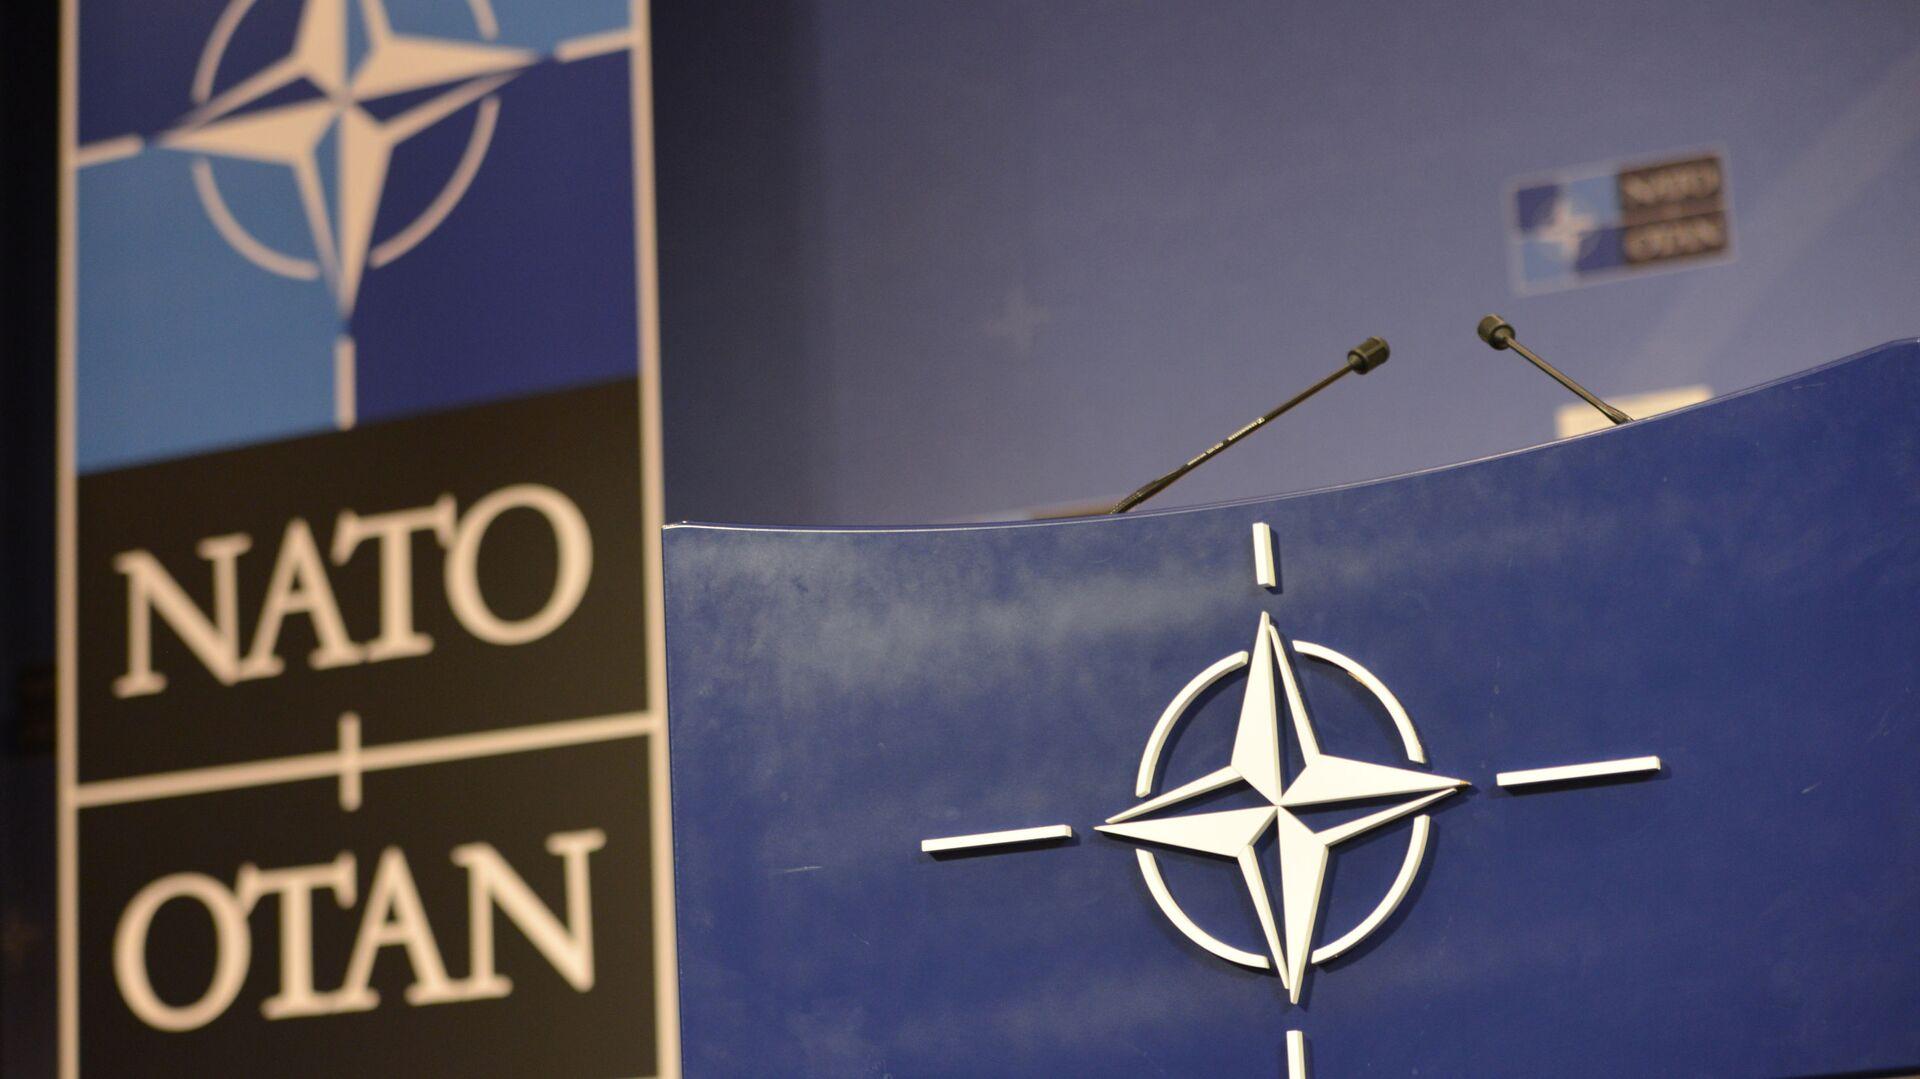 Трибуна в зале для пресс-конференций штаб-квартиры НАТО. - РИА Новости, 1920, 07.04.2021